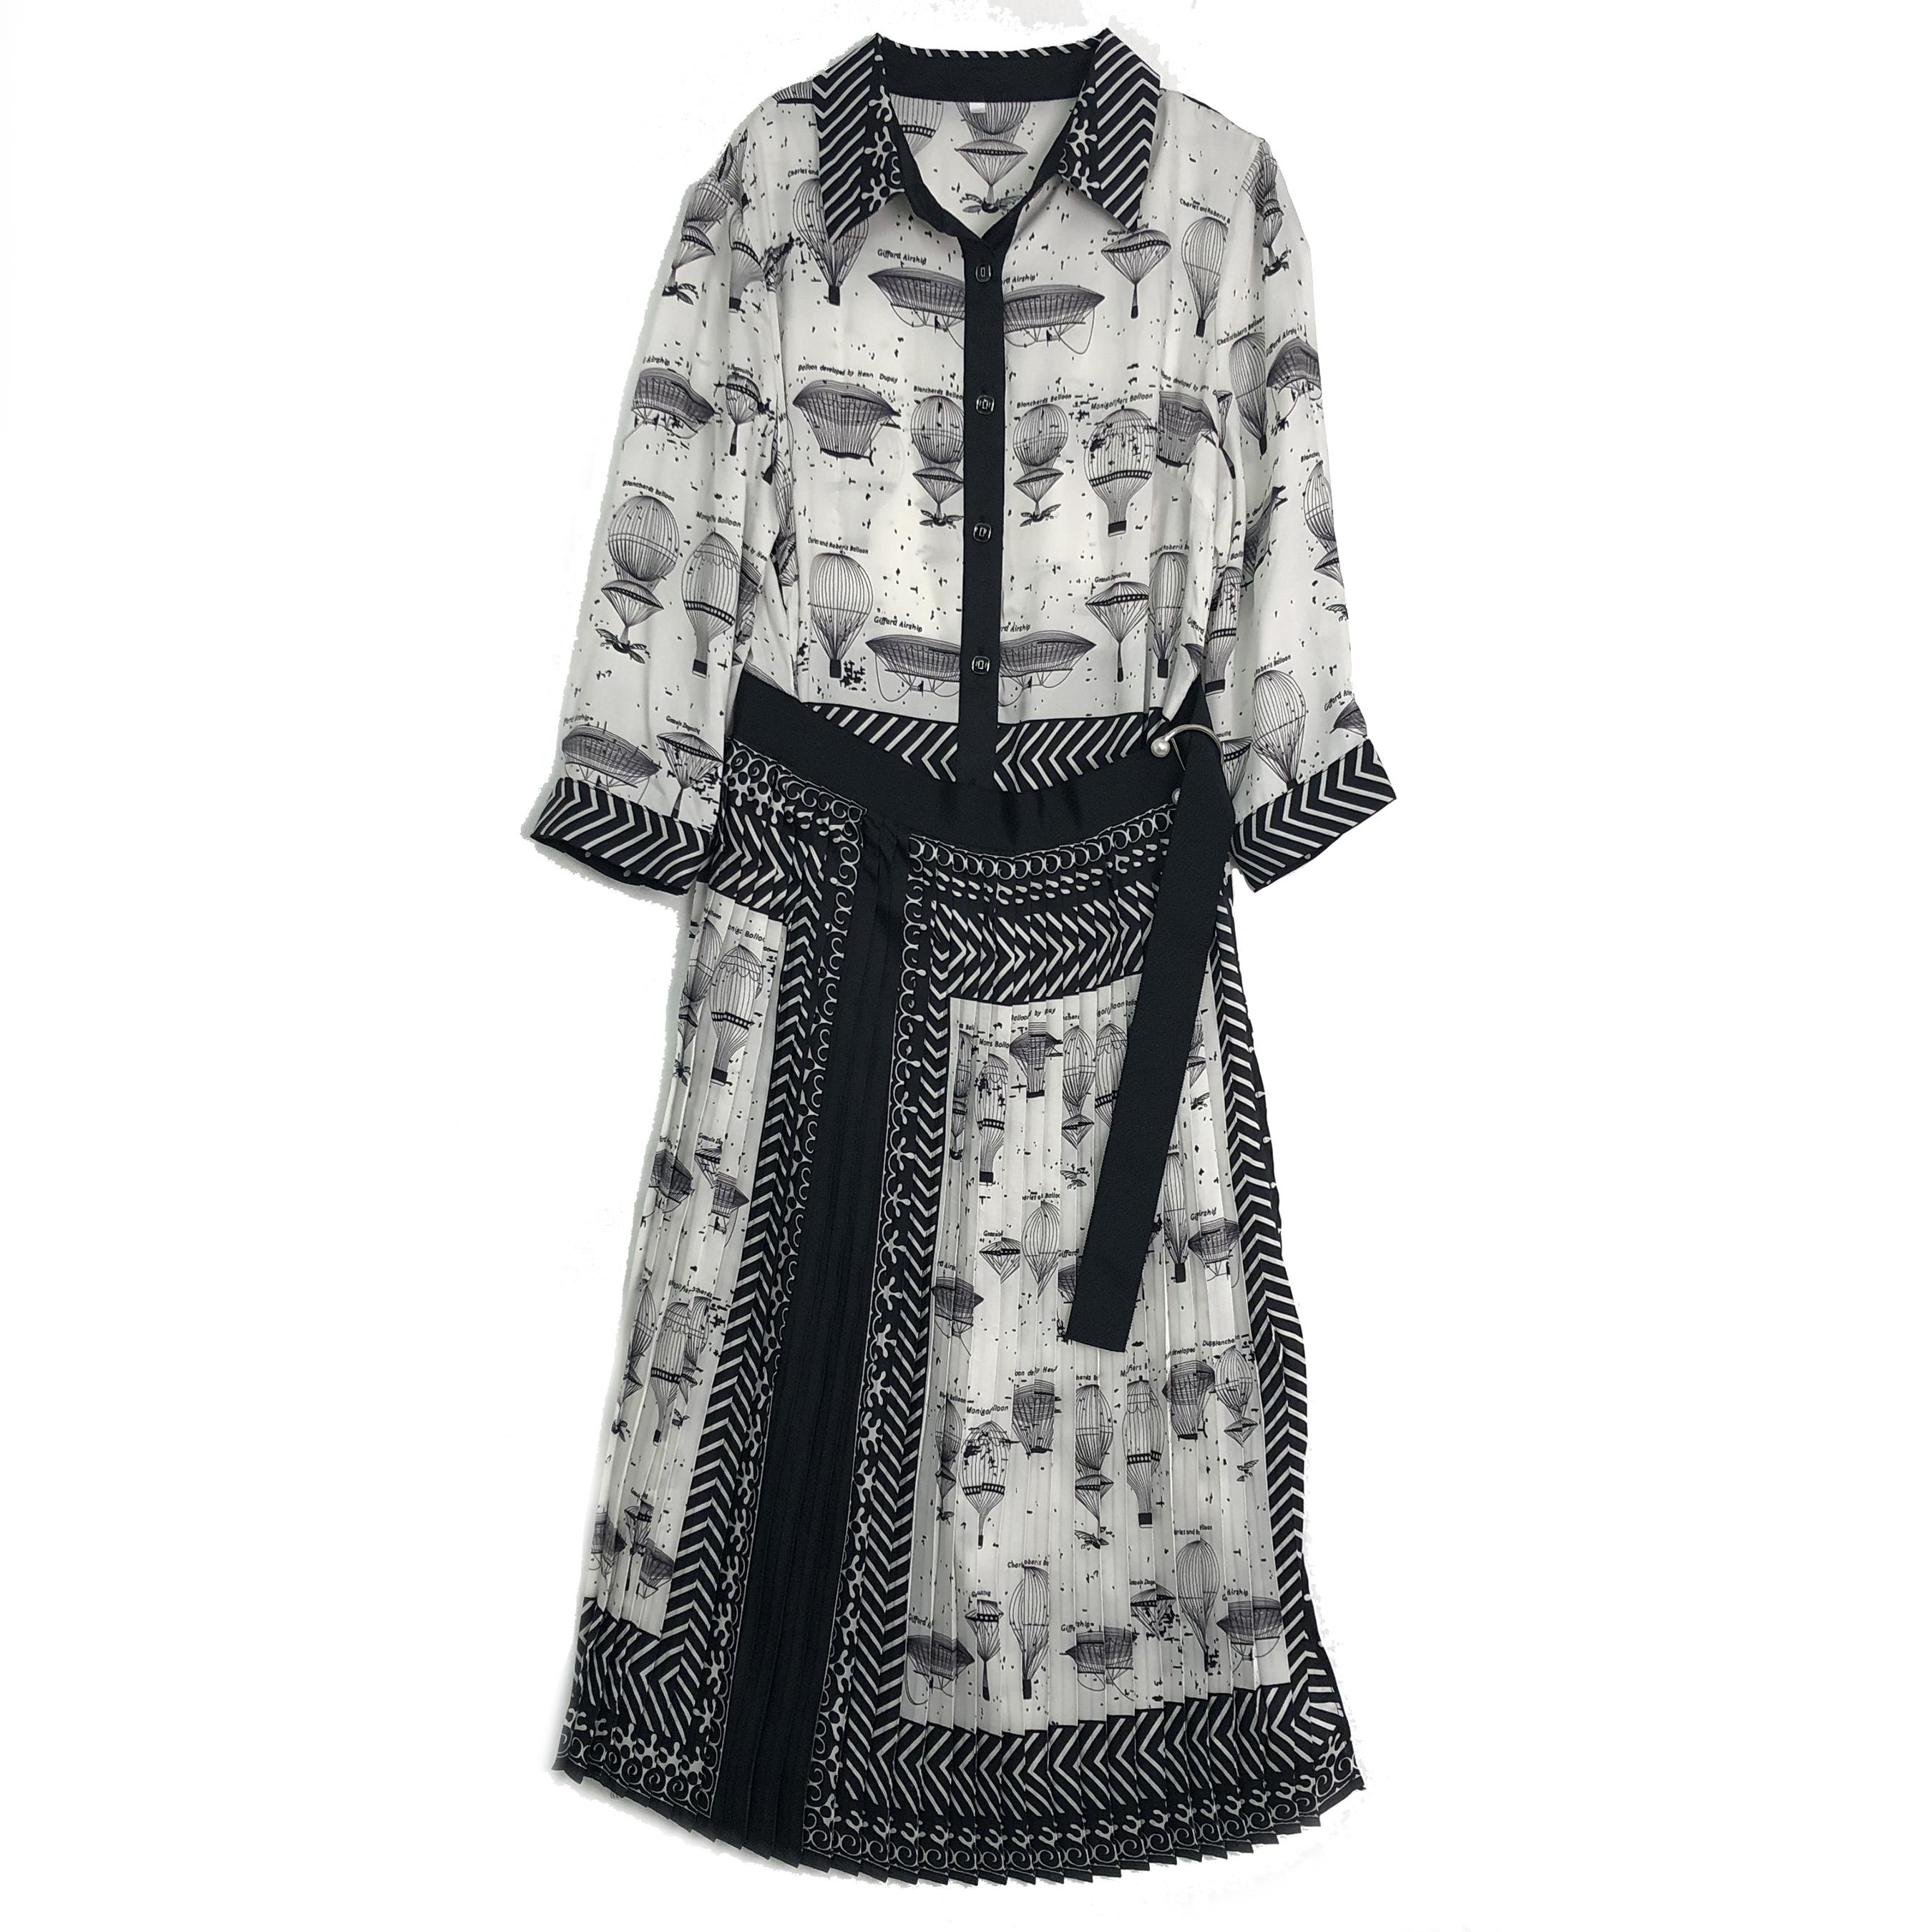 蕾丝连衣裙新款 【蕾丝呗尔】2020新款翻领腰带收腰气质连衣裙HH2016_推荐淘宝好看的蕾丝连衣裙新款